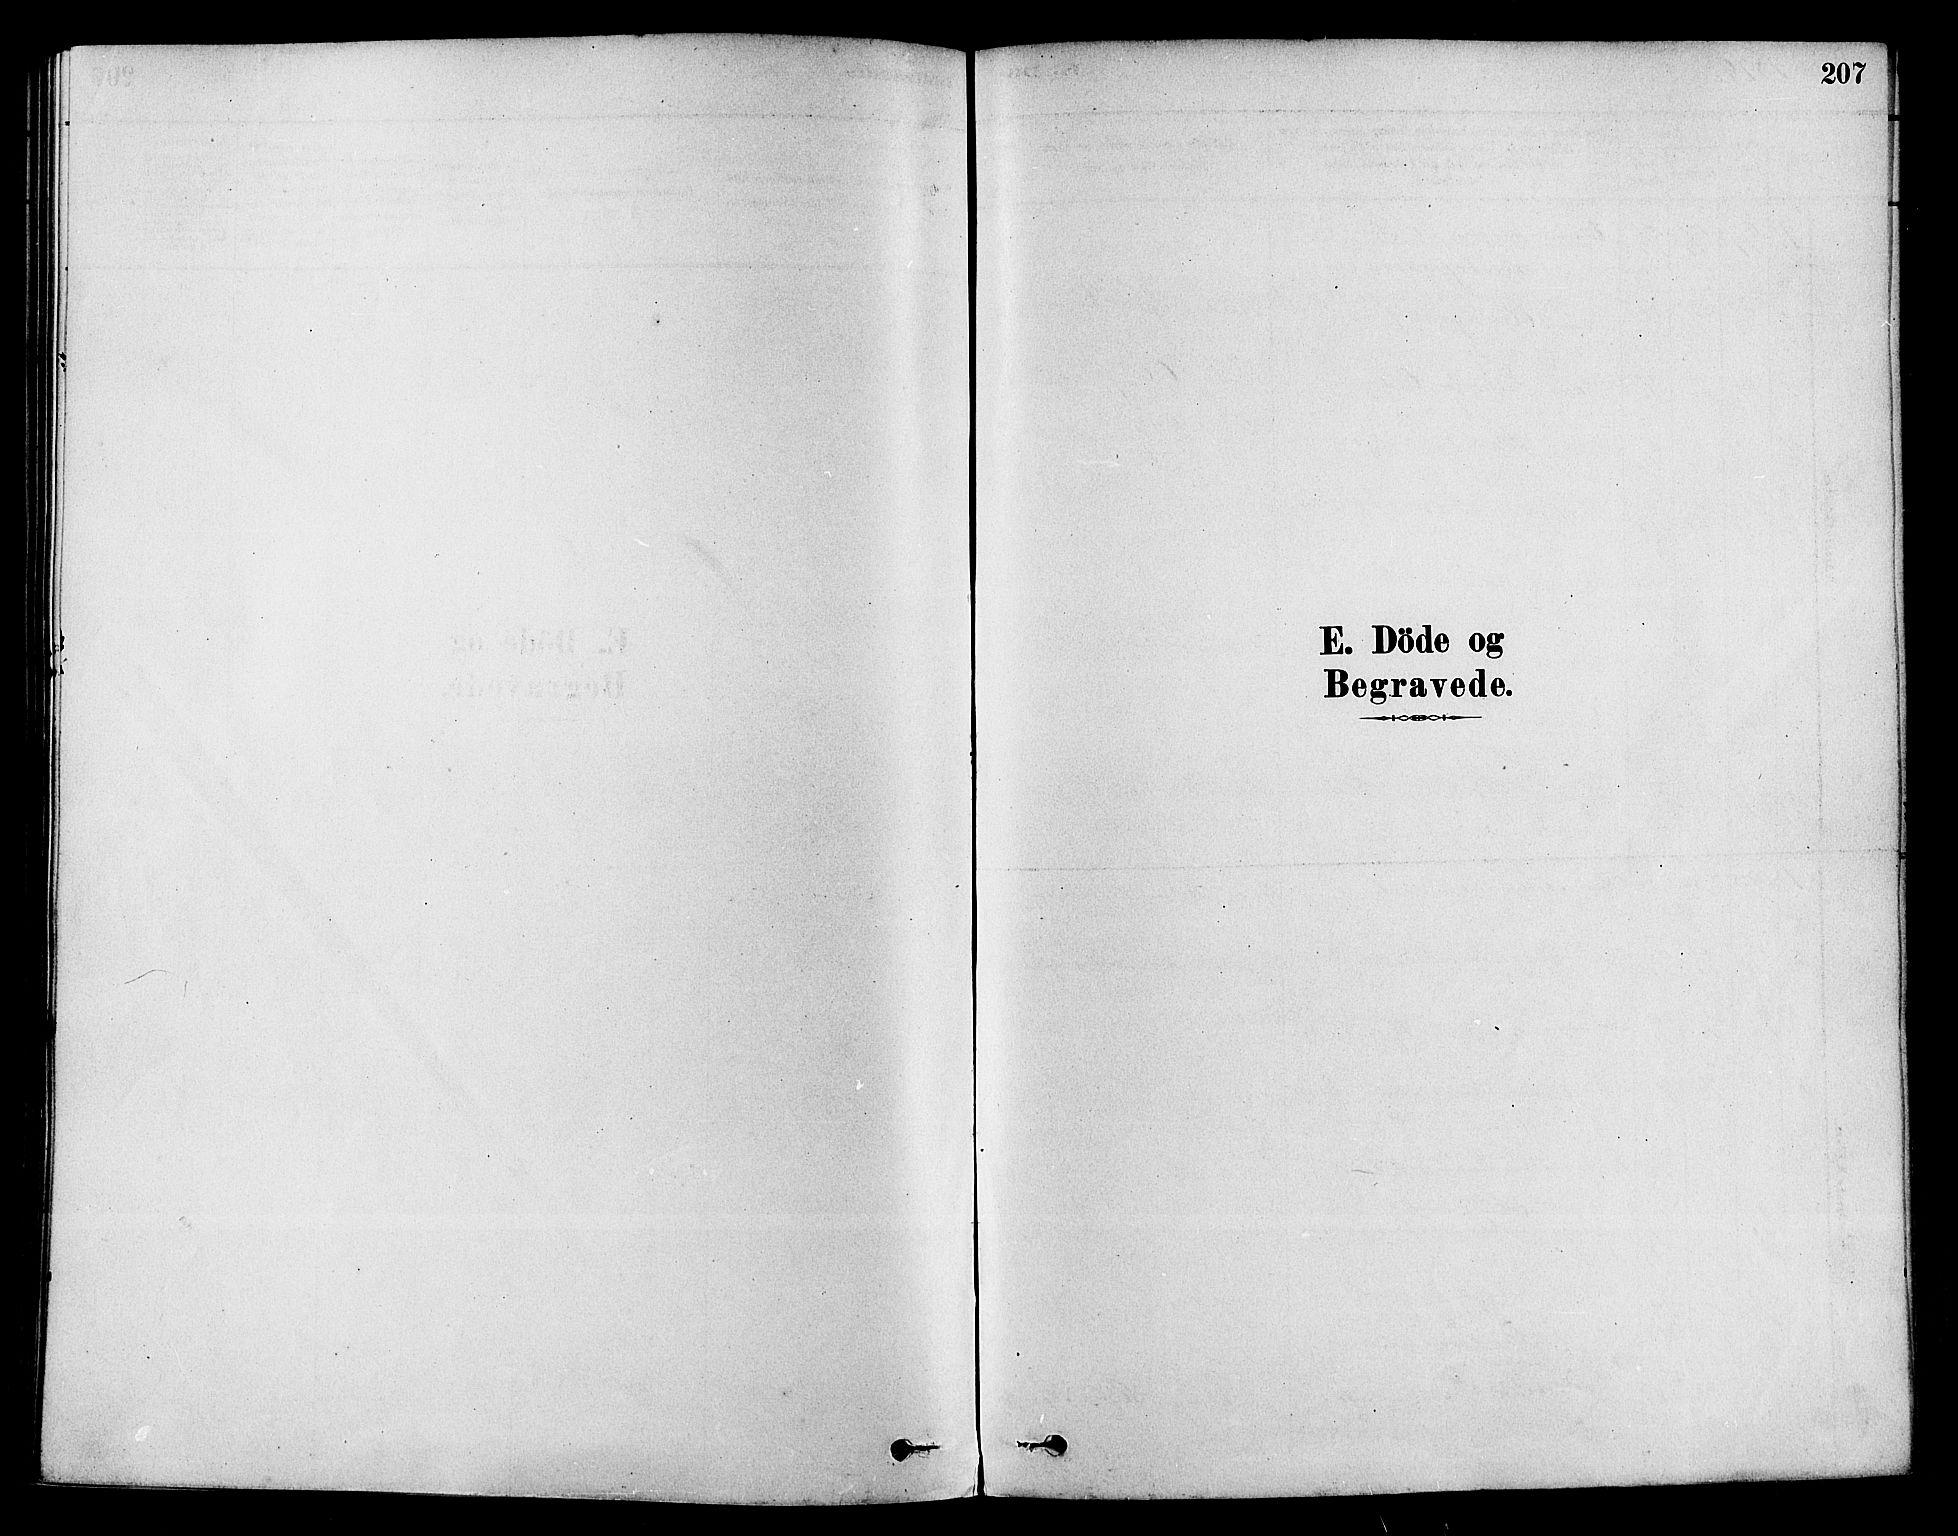 SAKO, Sigdal kirkebøker, F/Fa/L0011: Ministerialbok nr. I 11, 1879-1887, s. 207